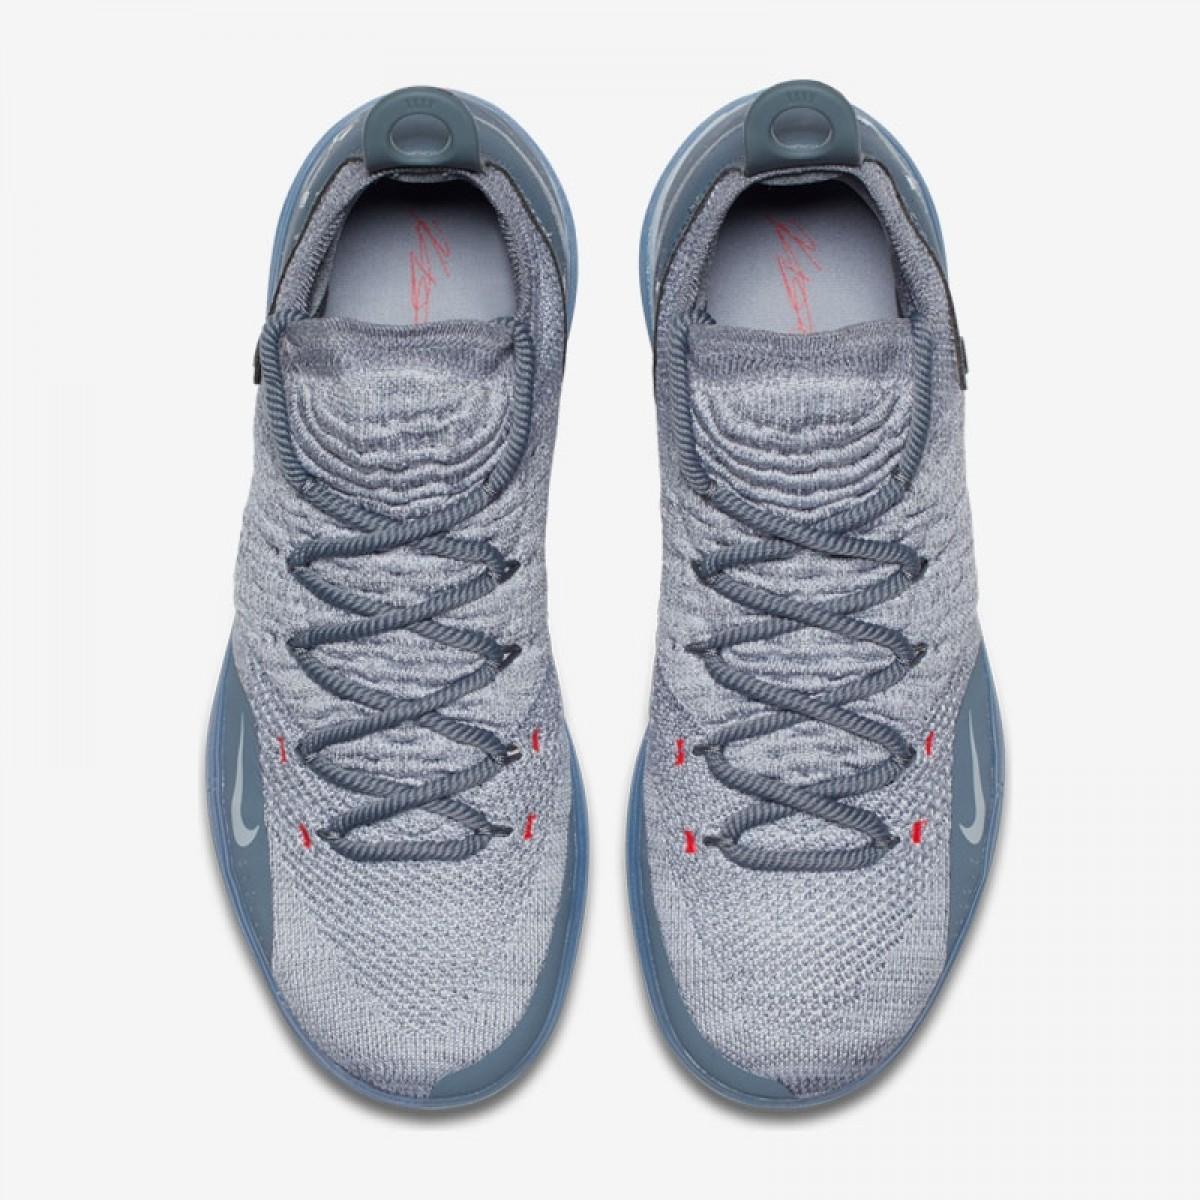 Nike KD 11 'Cool Grey' AO2604-002